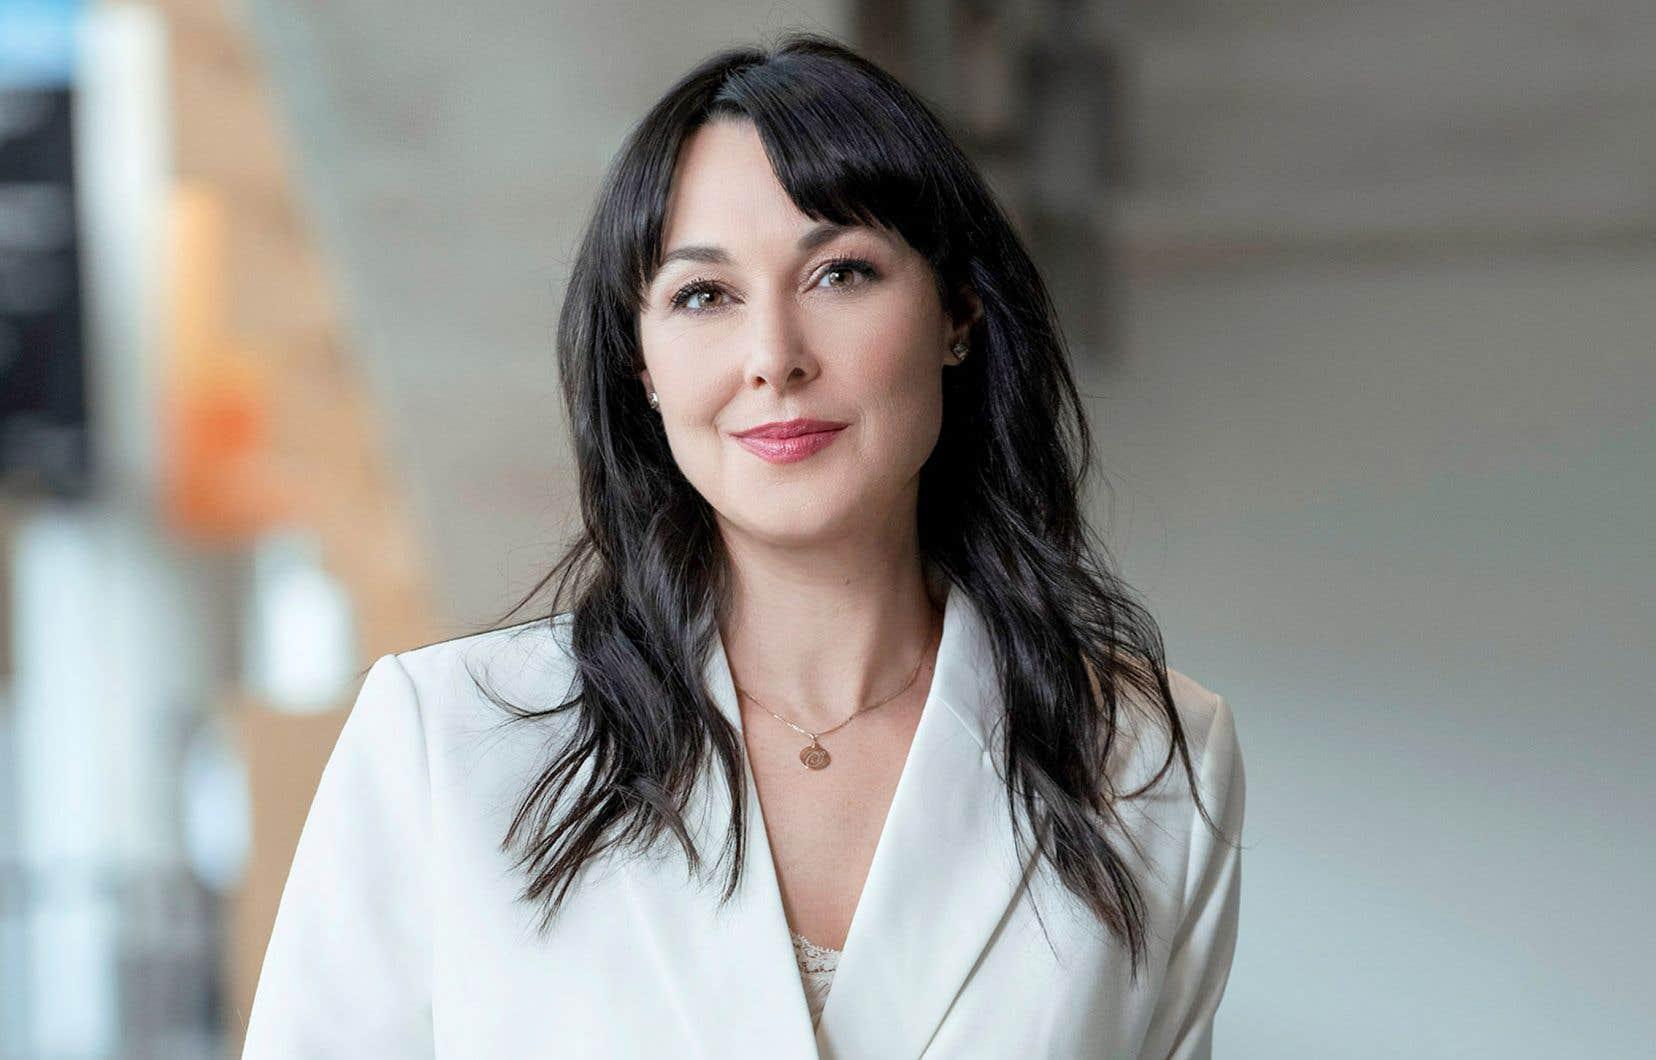 L'animatrice Claudia Larochelle, également autrice, reprend du service avec une nouvelle émission entièrement consacrée à la littérature d'ici et à ses créateurs.